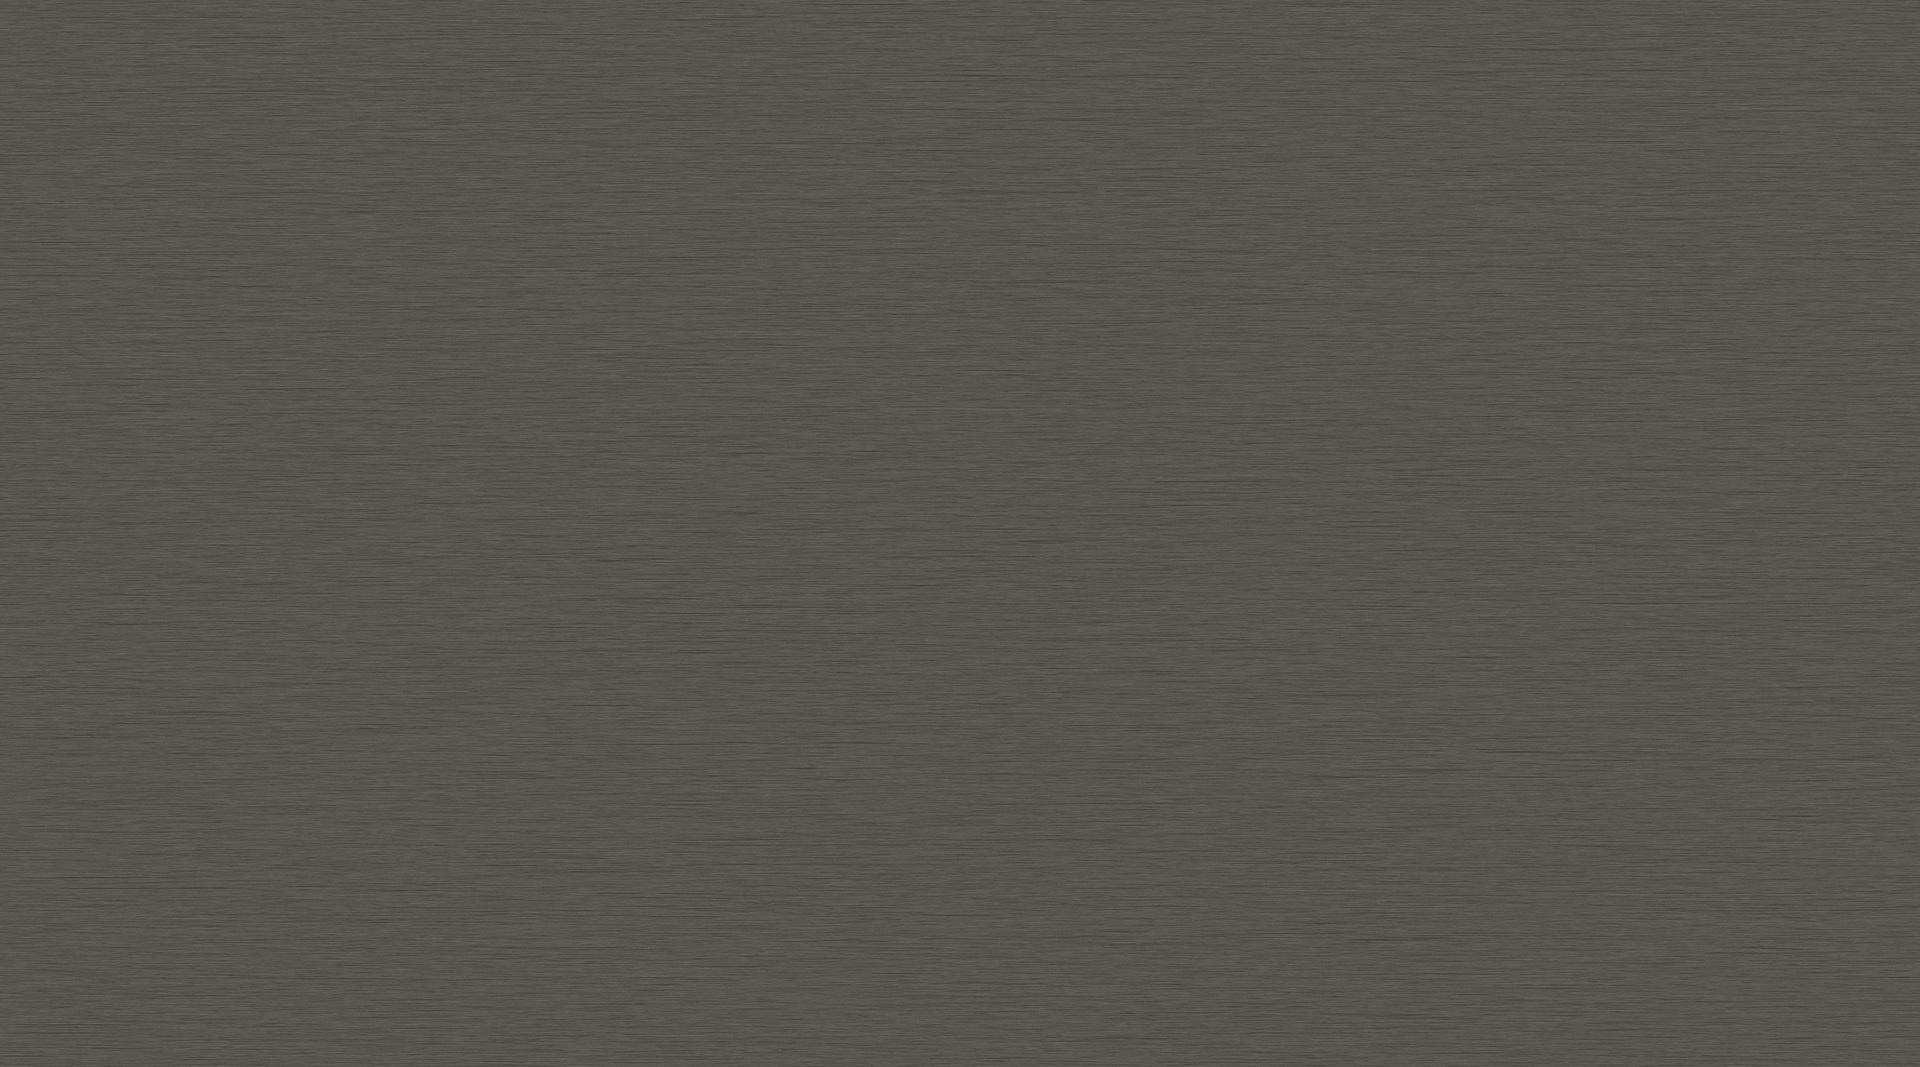 Full Size of Nolte Arbeitsplatten Dekor Glas Kchenexperte Hannover Schlafzimmer Küche Betten Arbeitsplatte Sideboard Mit Wohnzimmer Nolte Arbeitsplatte Java Schiefer